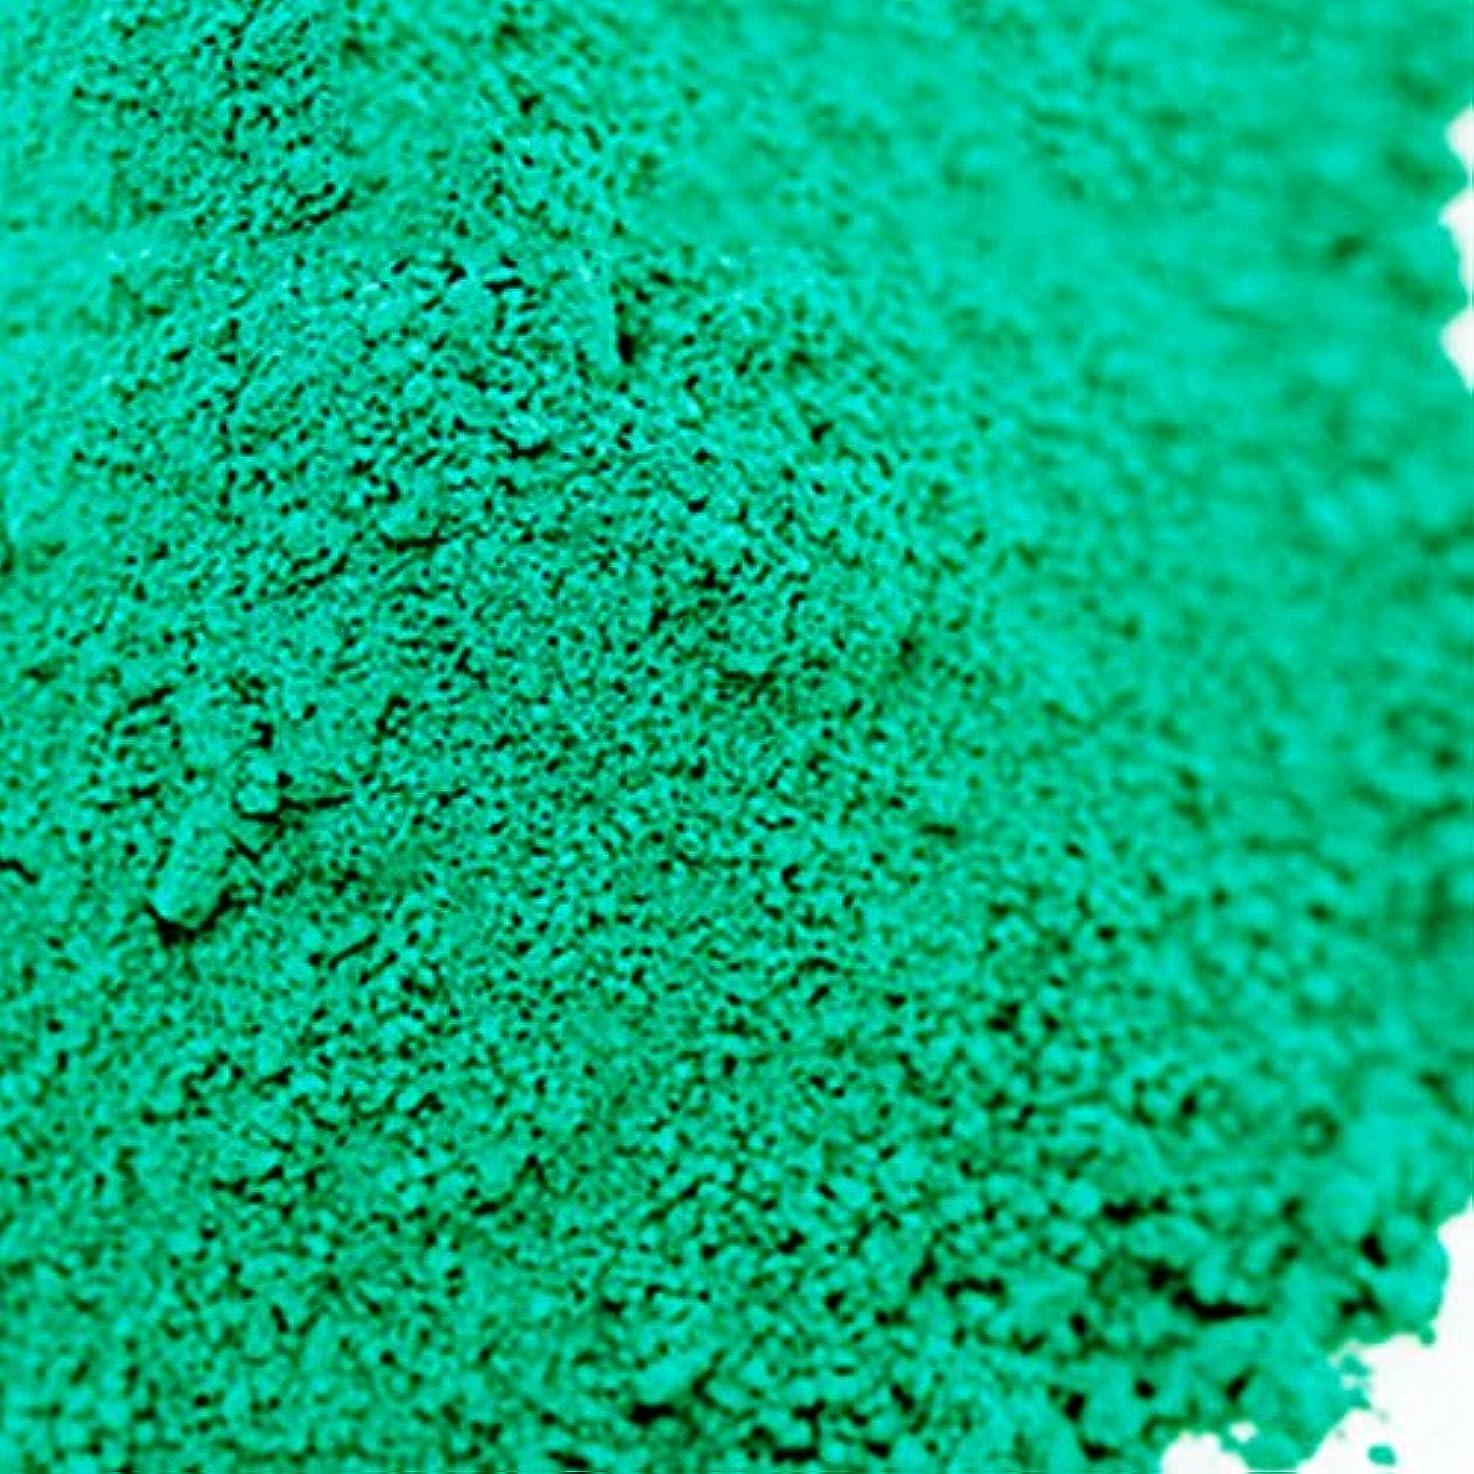 水酸化クロム グリーン 5g 【手作り石鹸/手作りコスメ/色付け/カラーラント/緑】